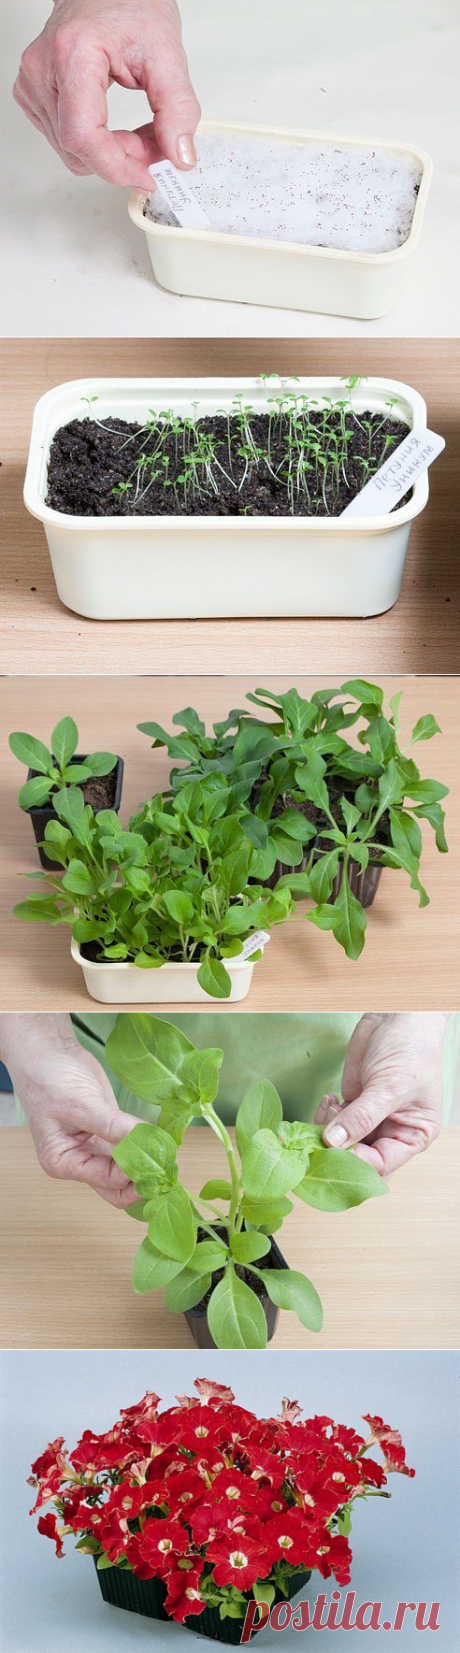 Петуния: выращивание рассады